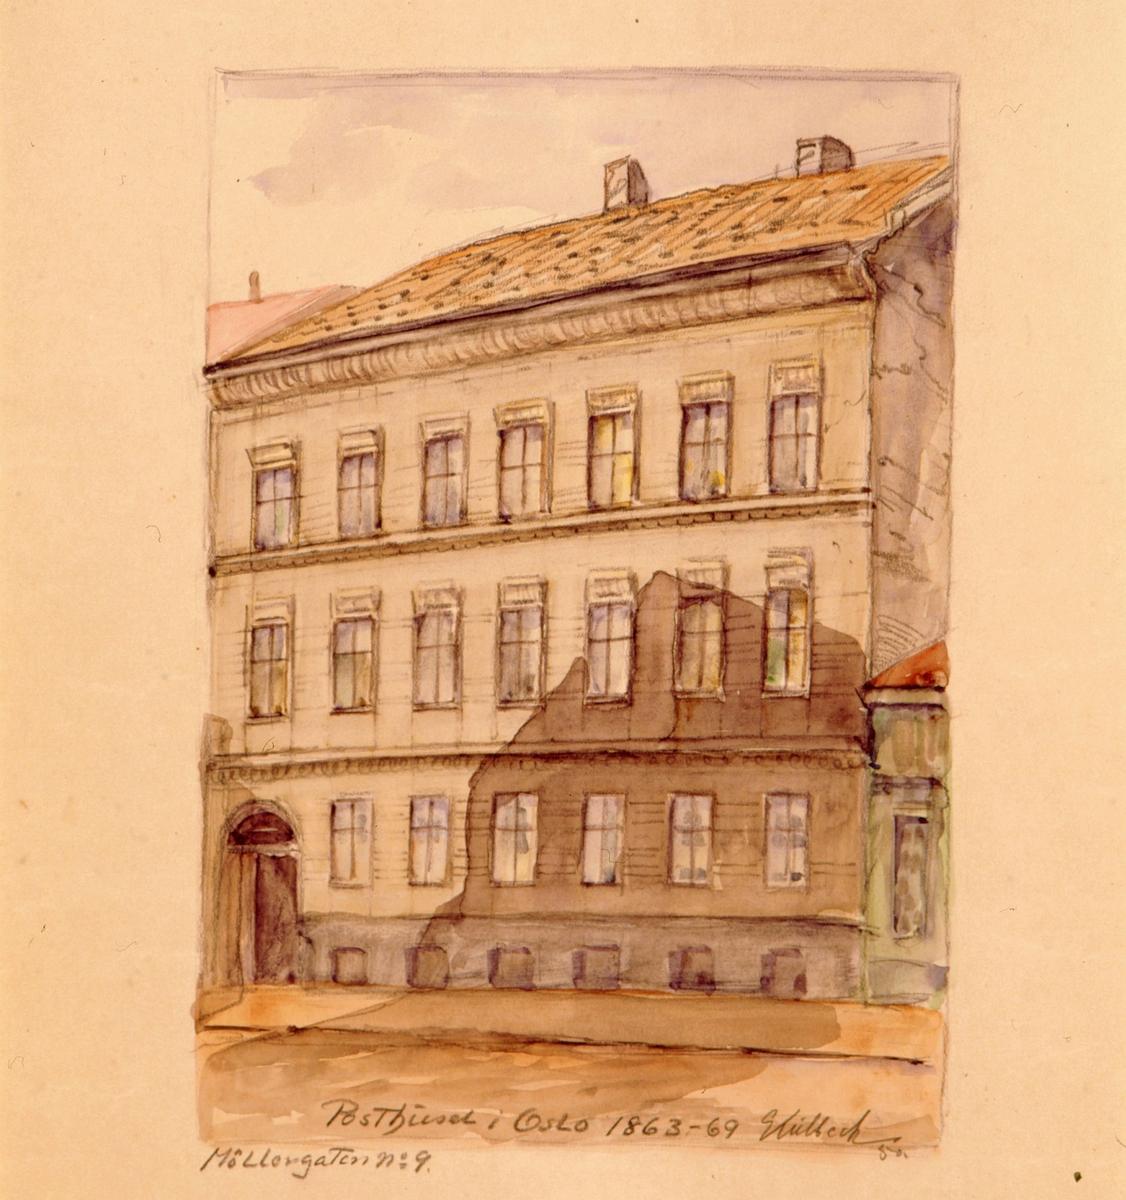 """postmuseet, kunst, akvareller, G. Kulbeck: """"Det Christiania som forsvinder, Møllergaten no. 9"""", eksteriør, Posthuset i Oslo 1863-69, motivet finnes også på CD-rom PRO1, bilde nr 97"""